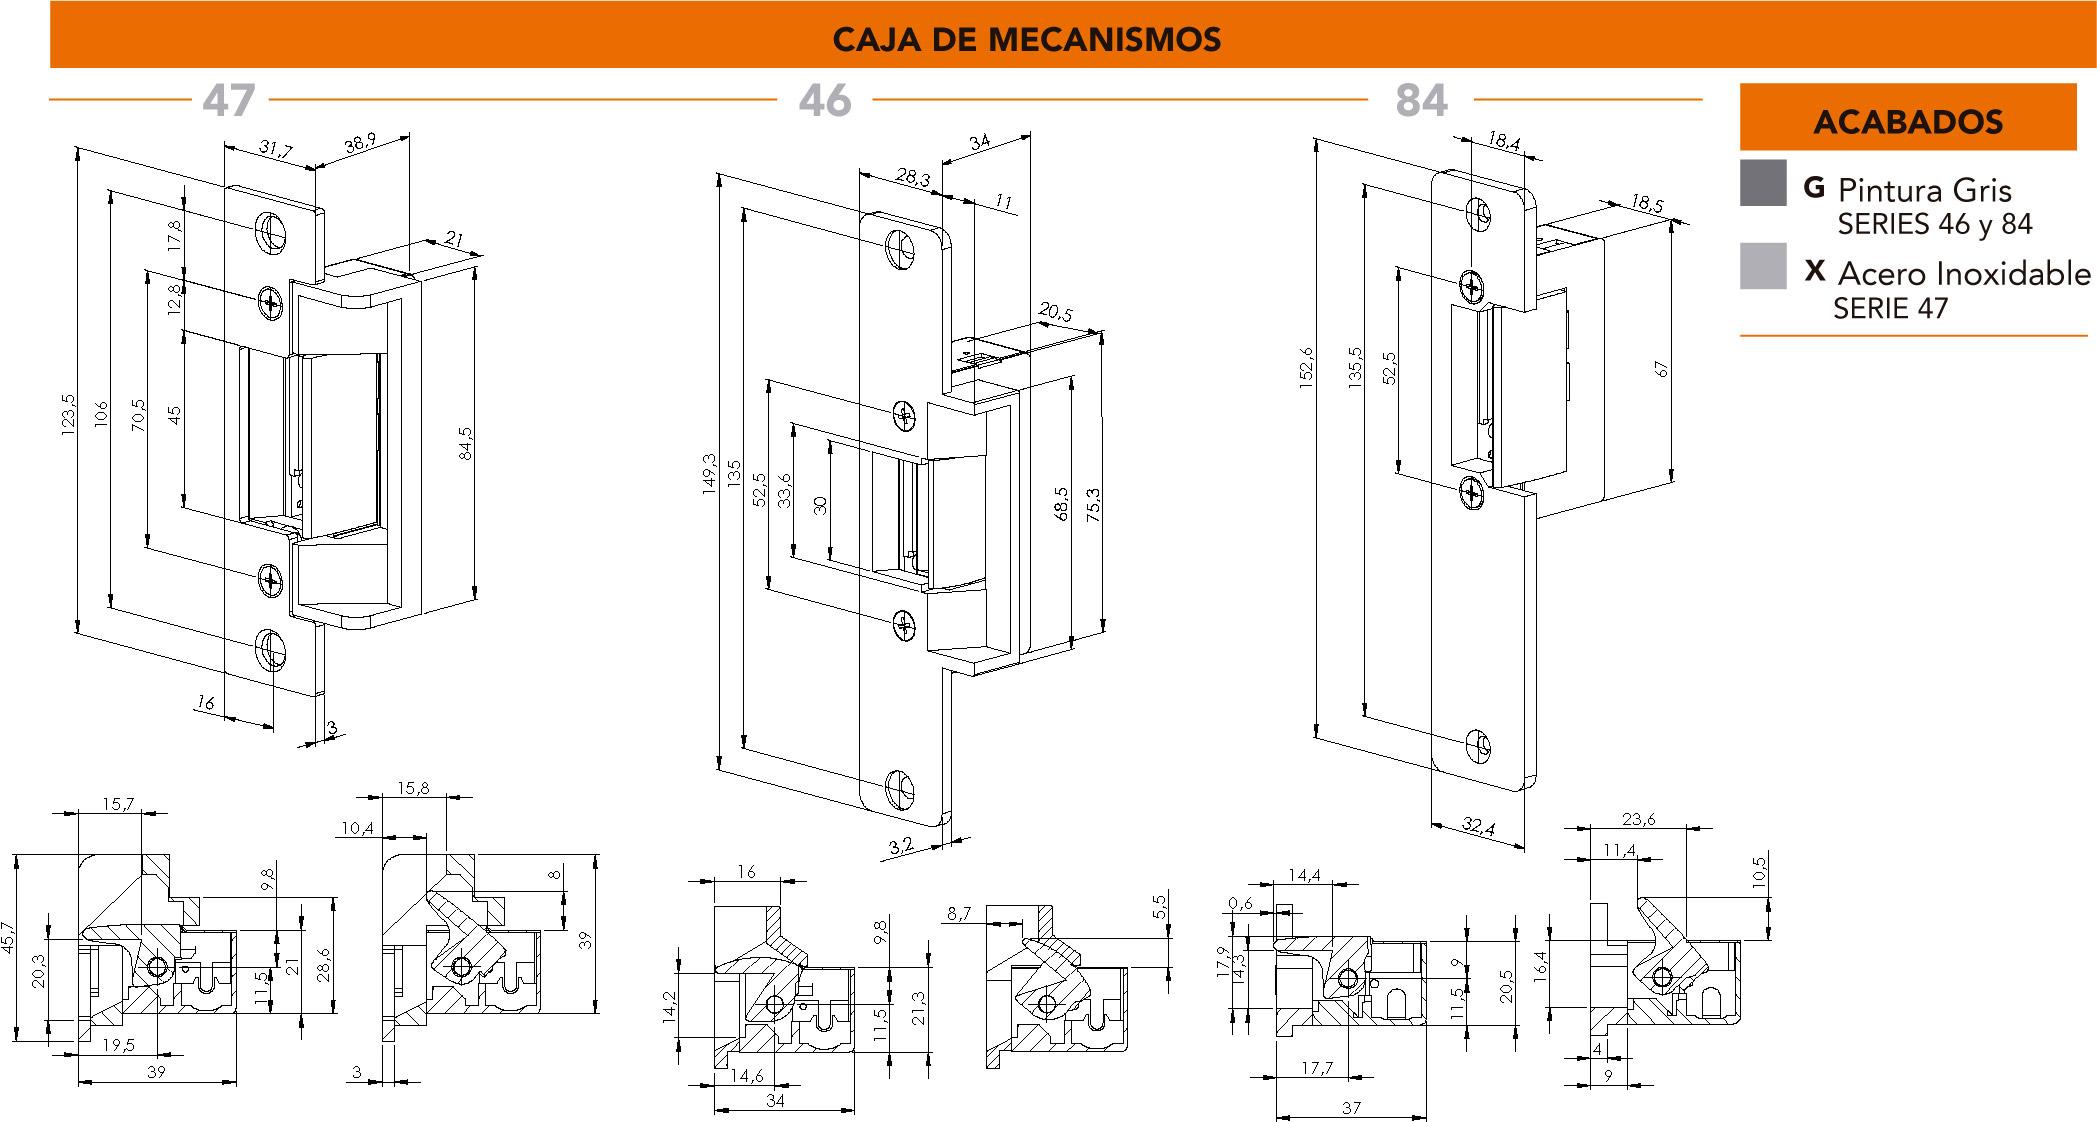 S47-46-84_mecanismos